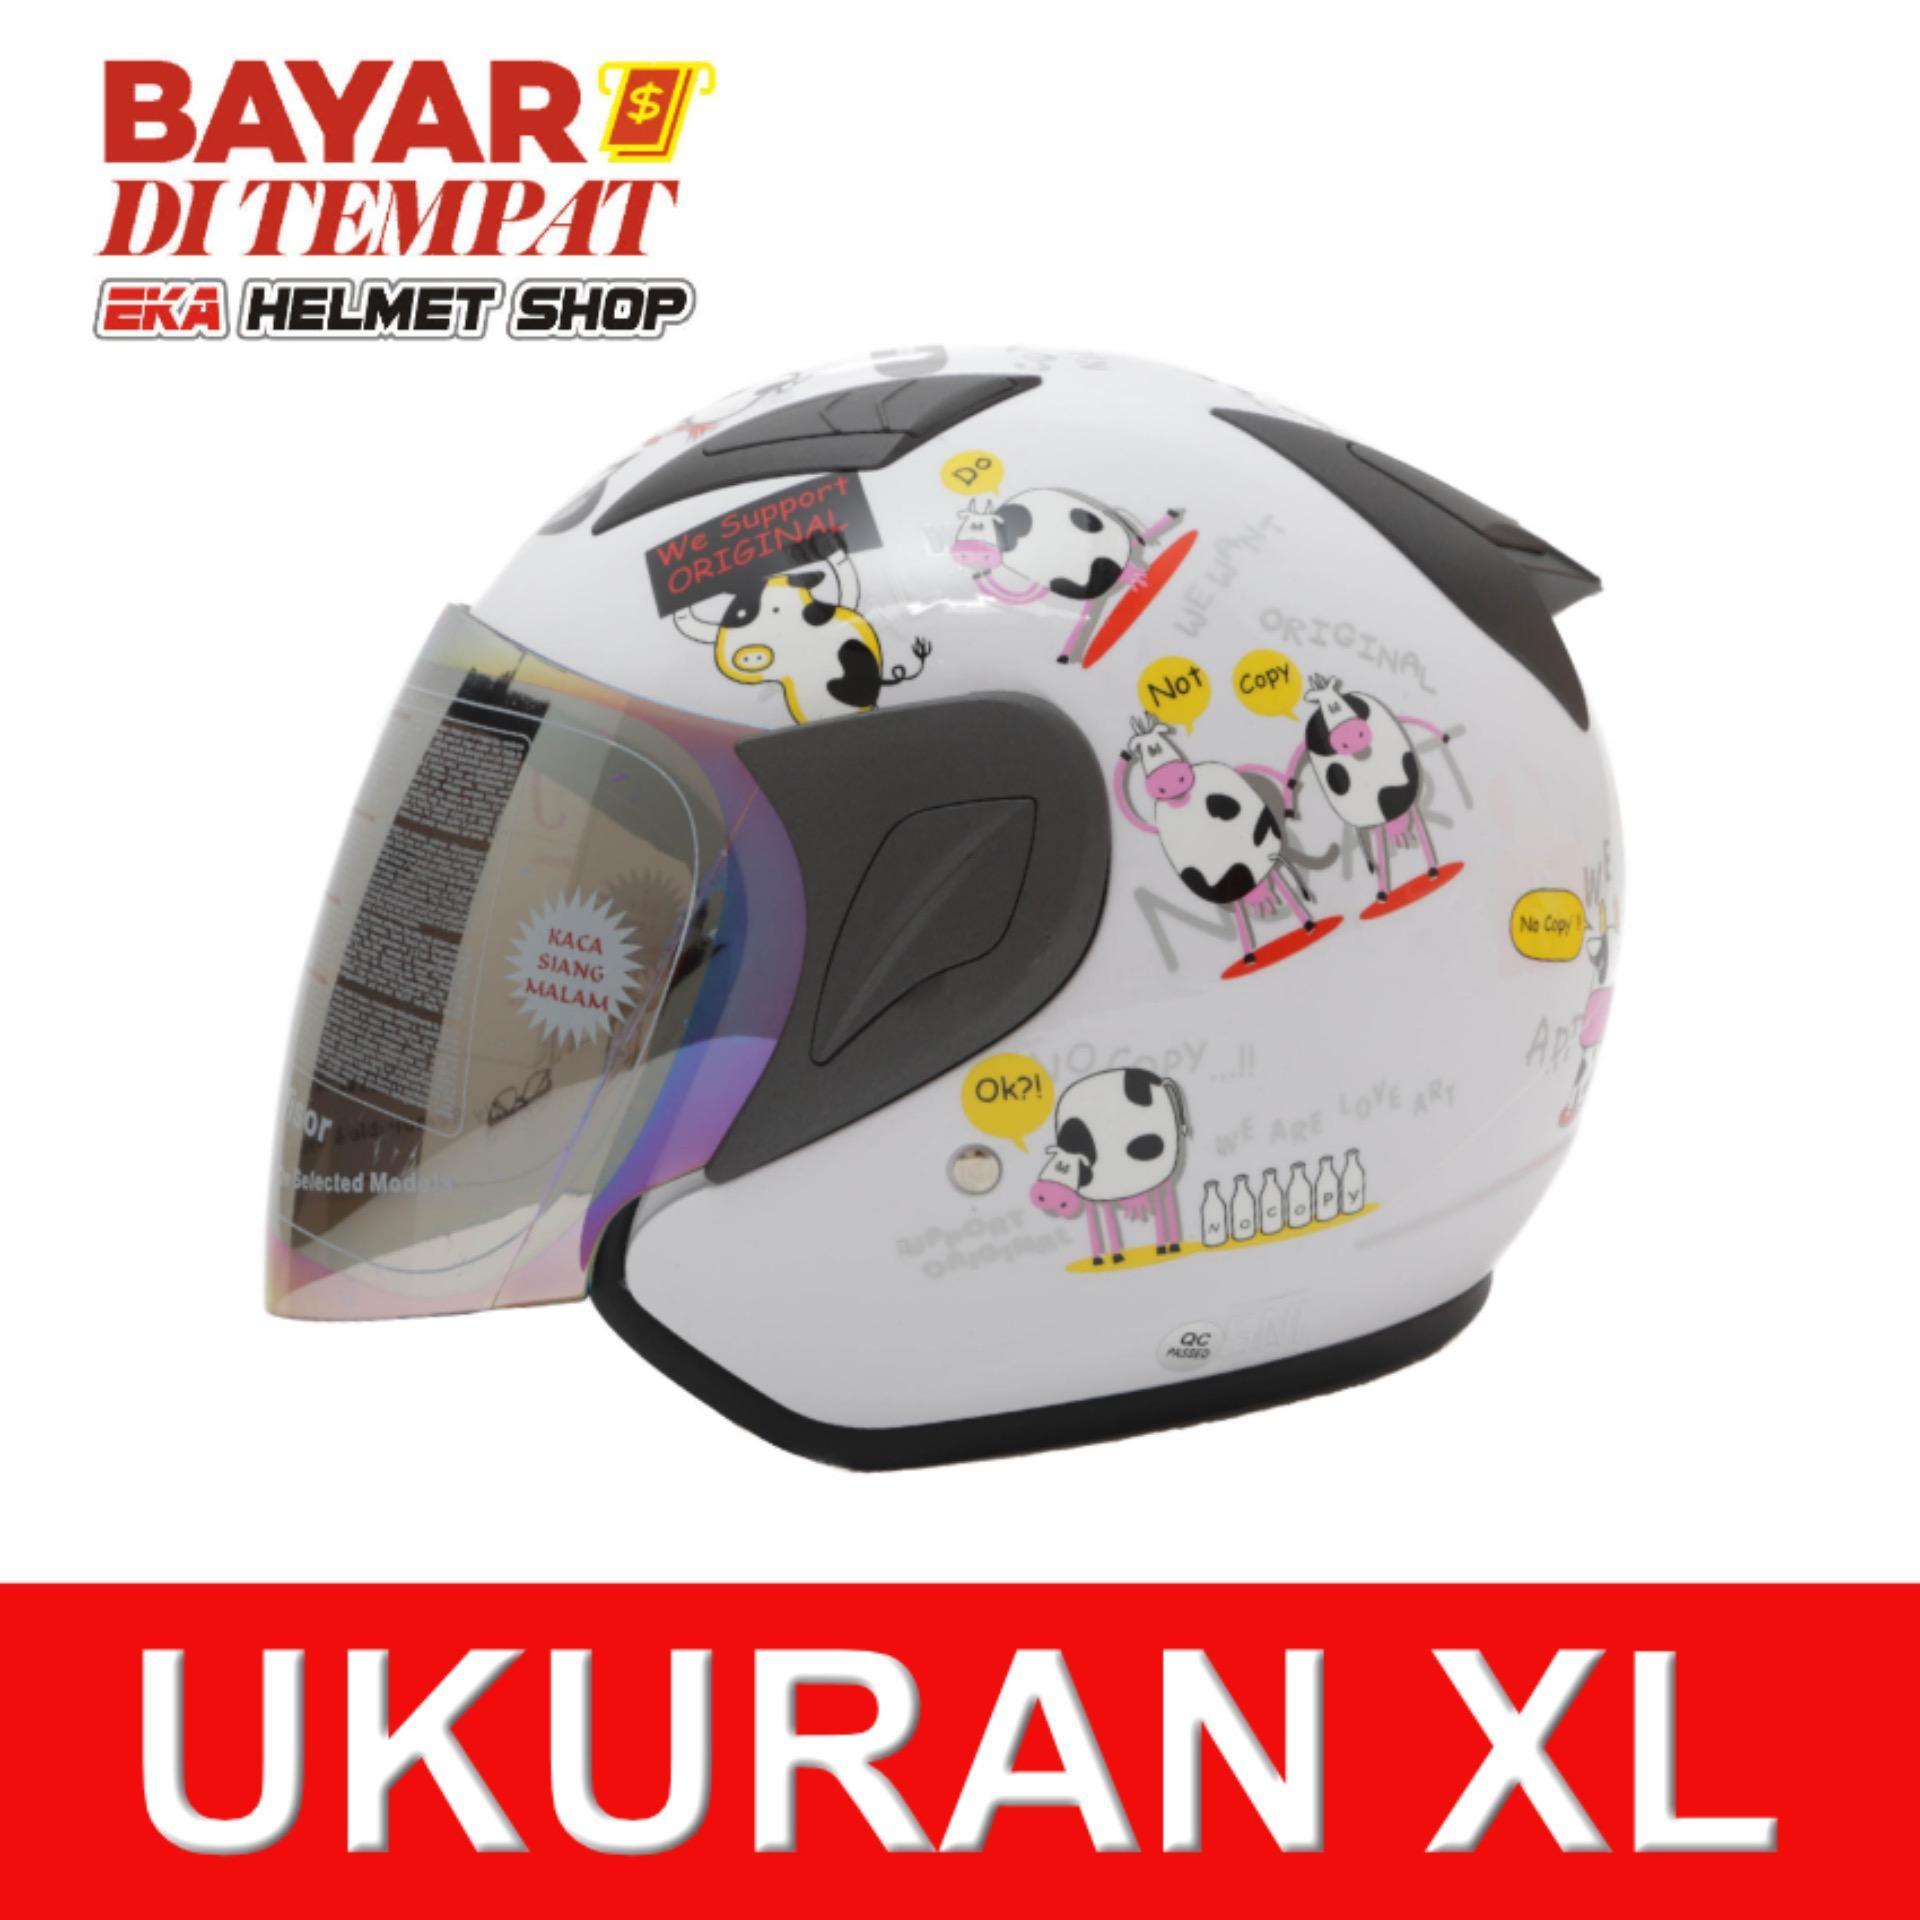 Harga Msr Helmet Javelin Original Putih Di Banten